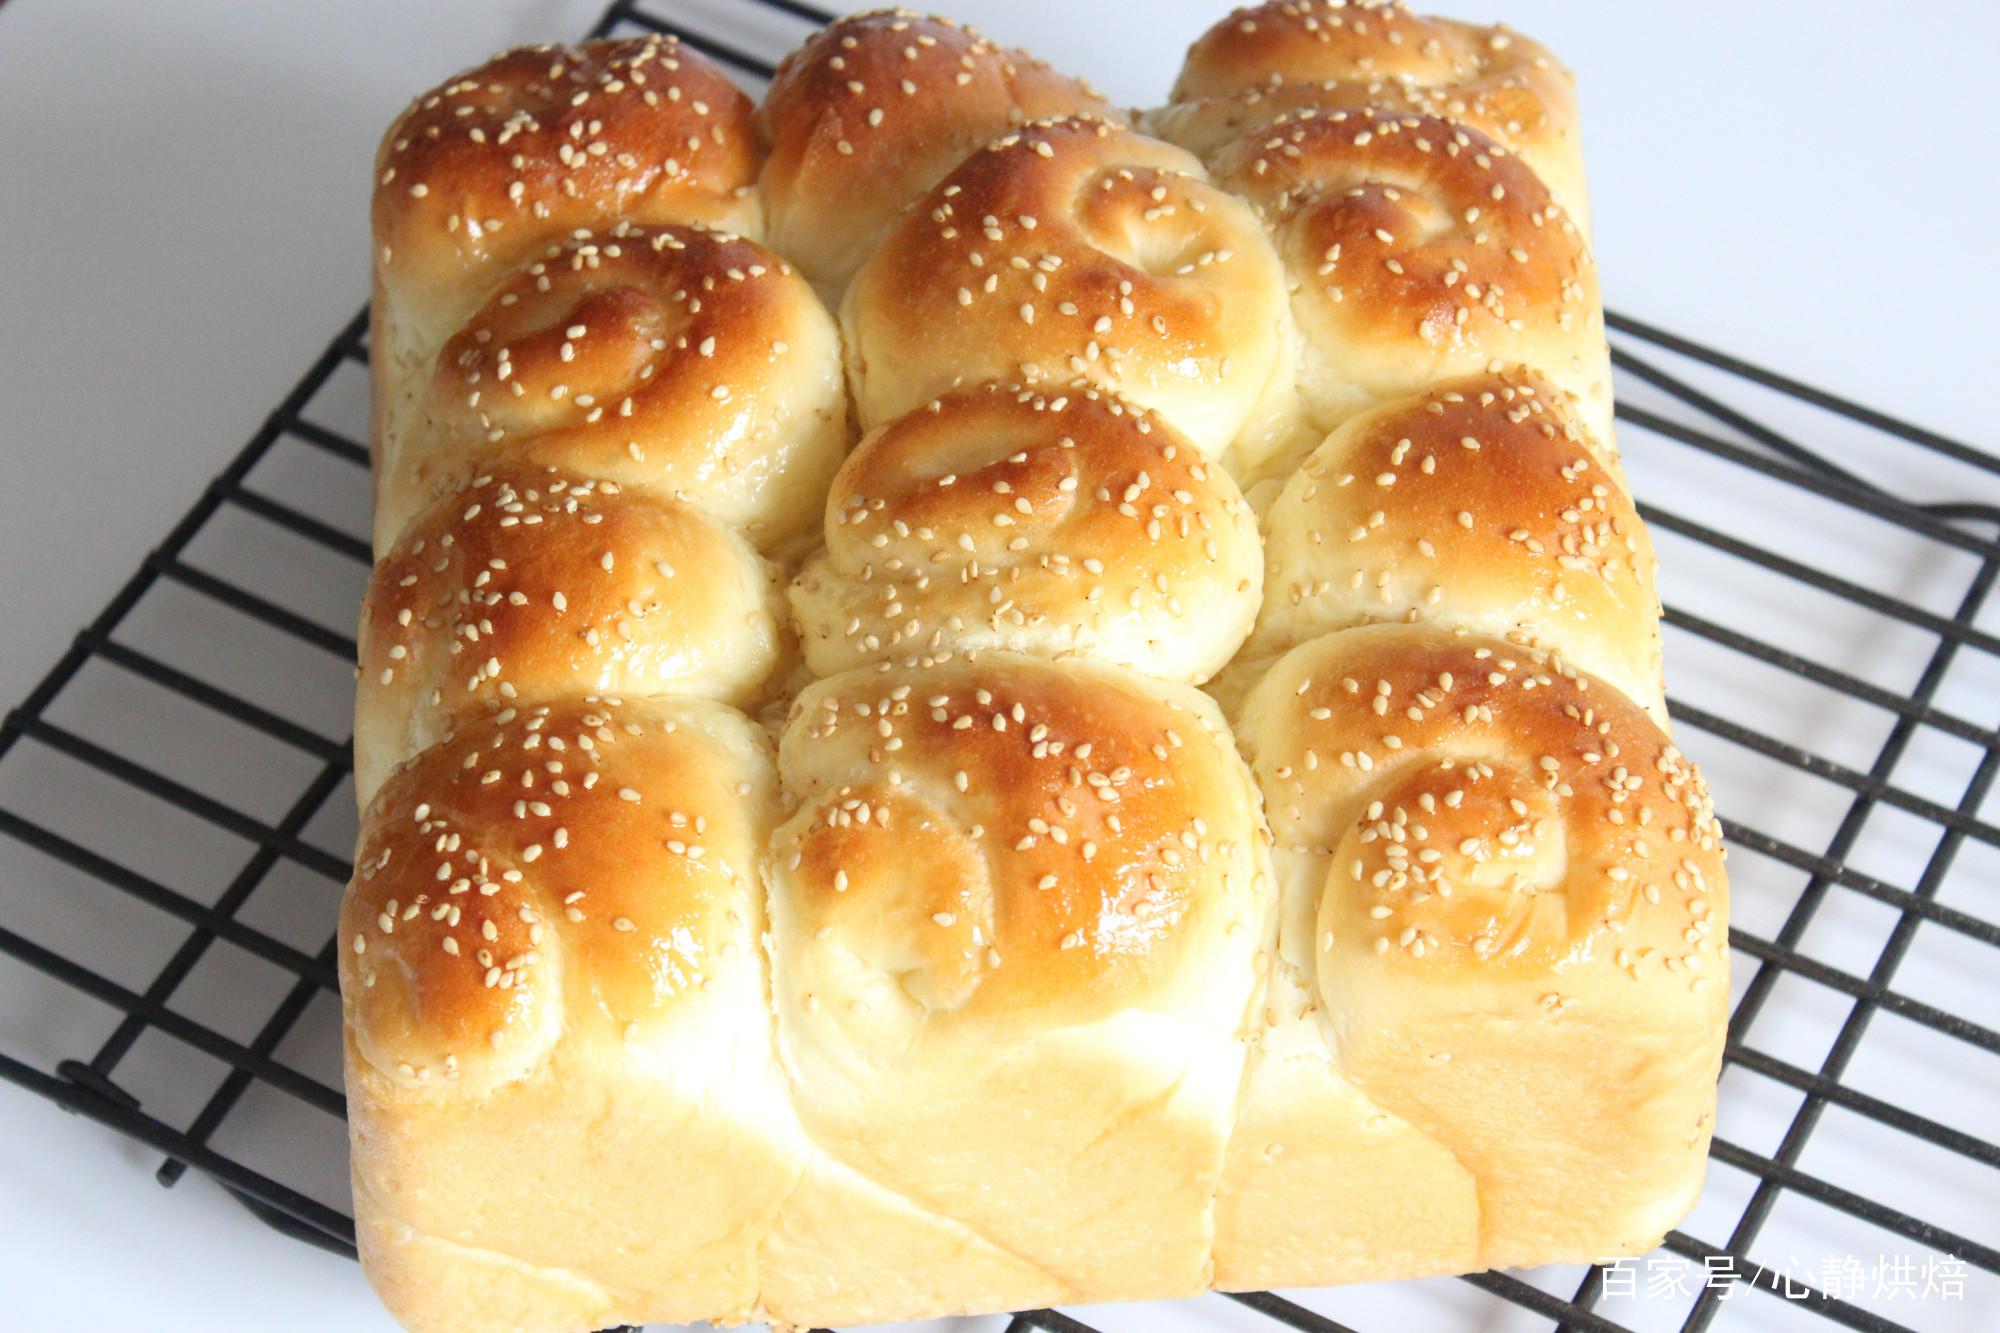 手把手教你在家做老式蜂蜜脆底小面包,香甜松软、底部酥脆